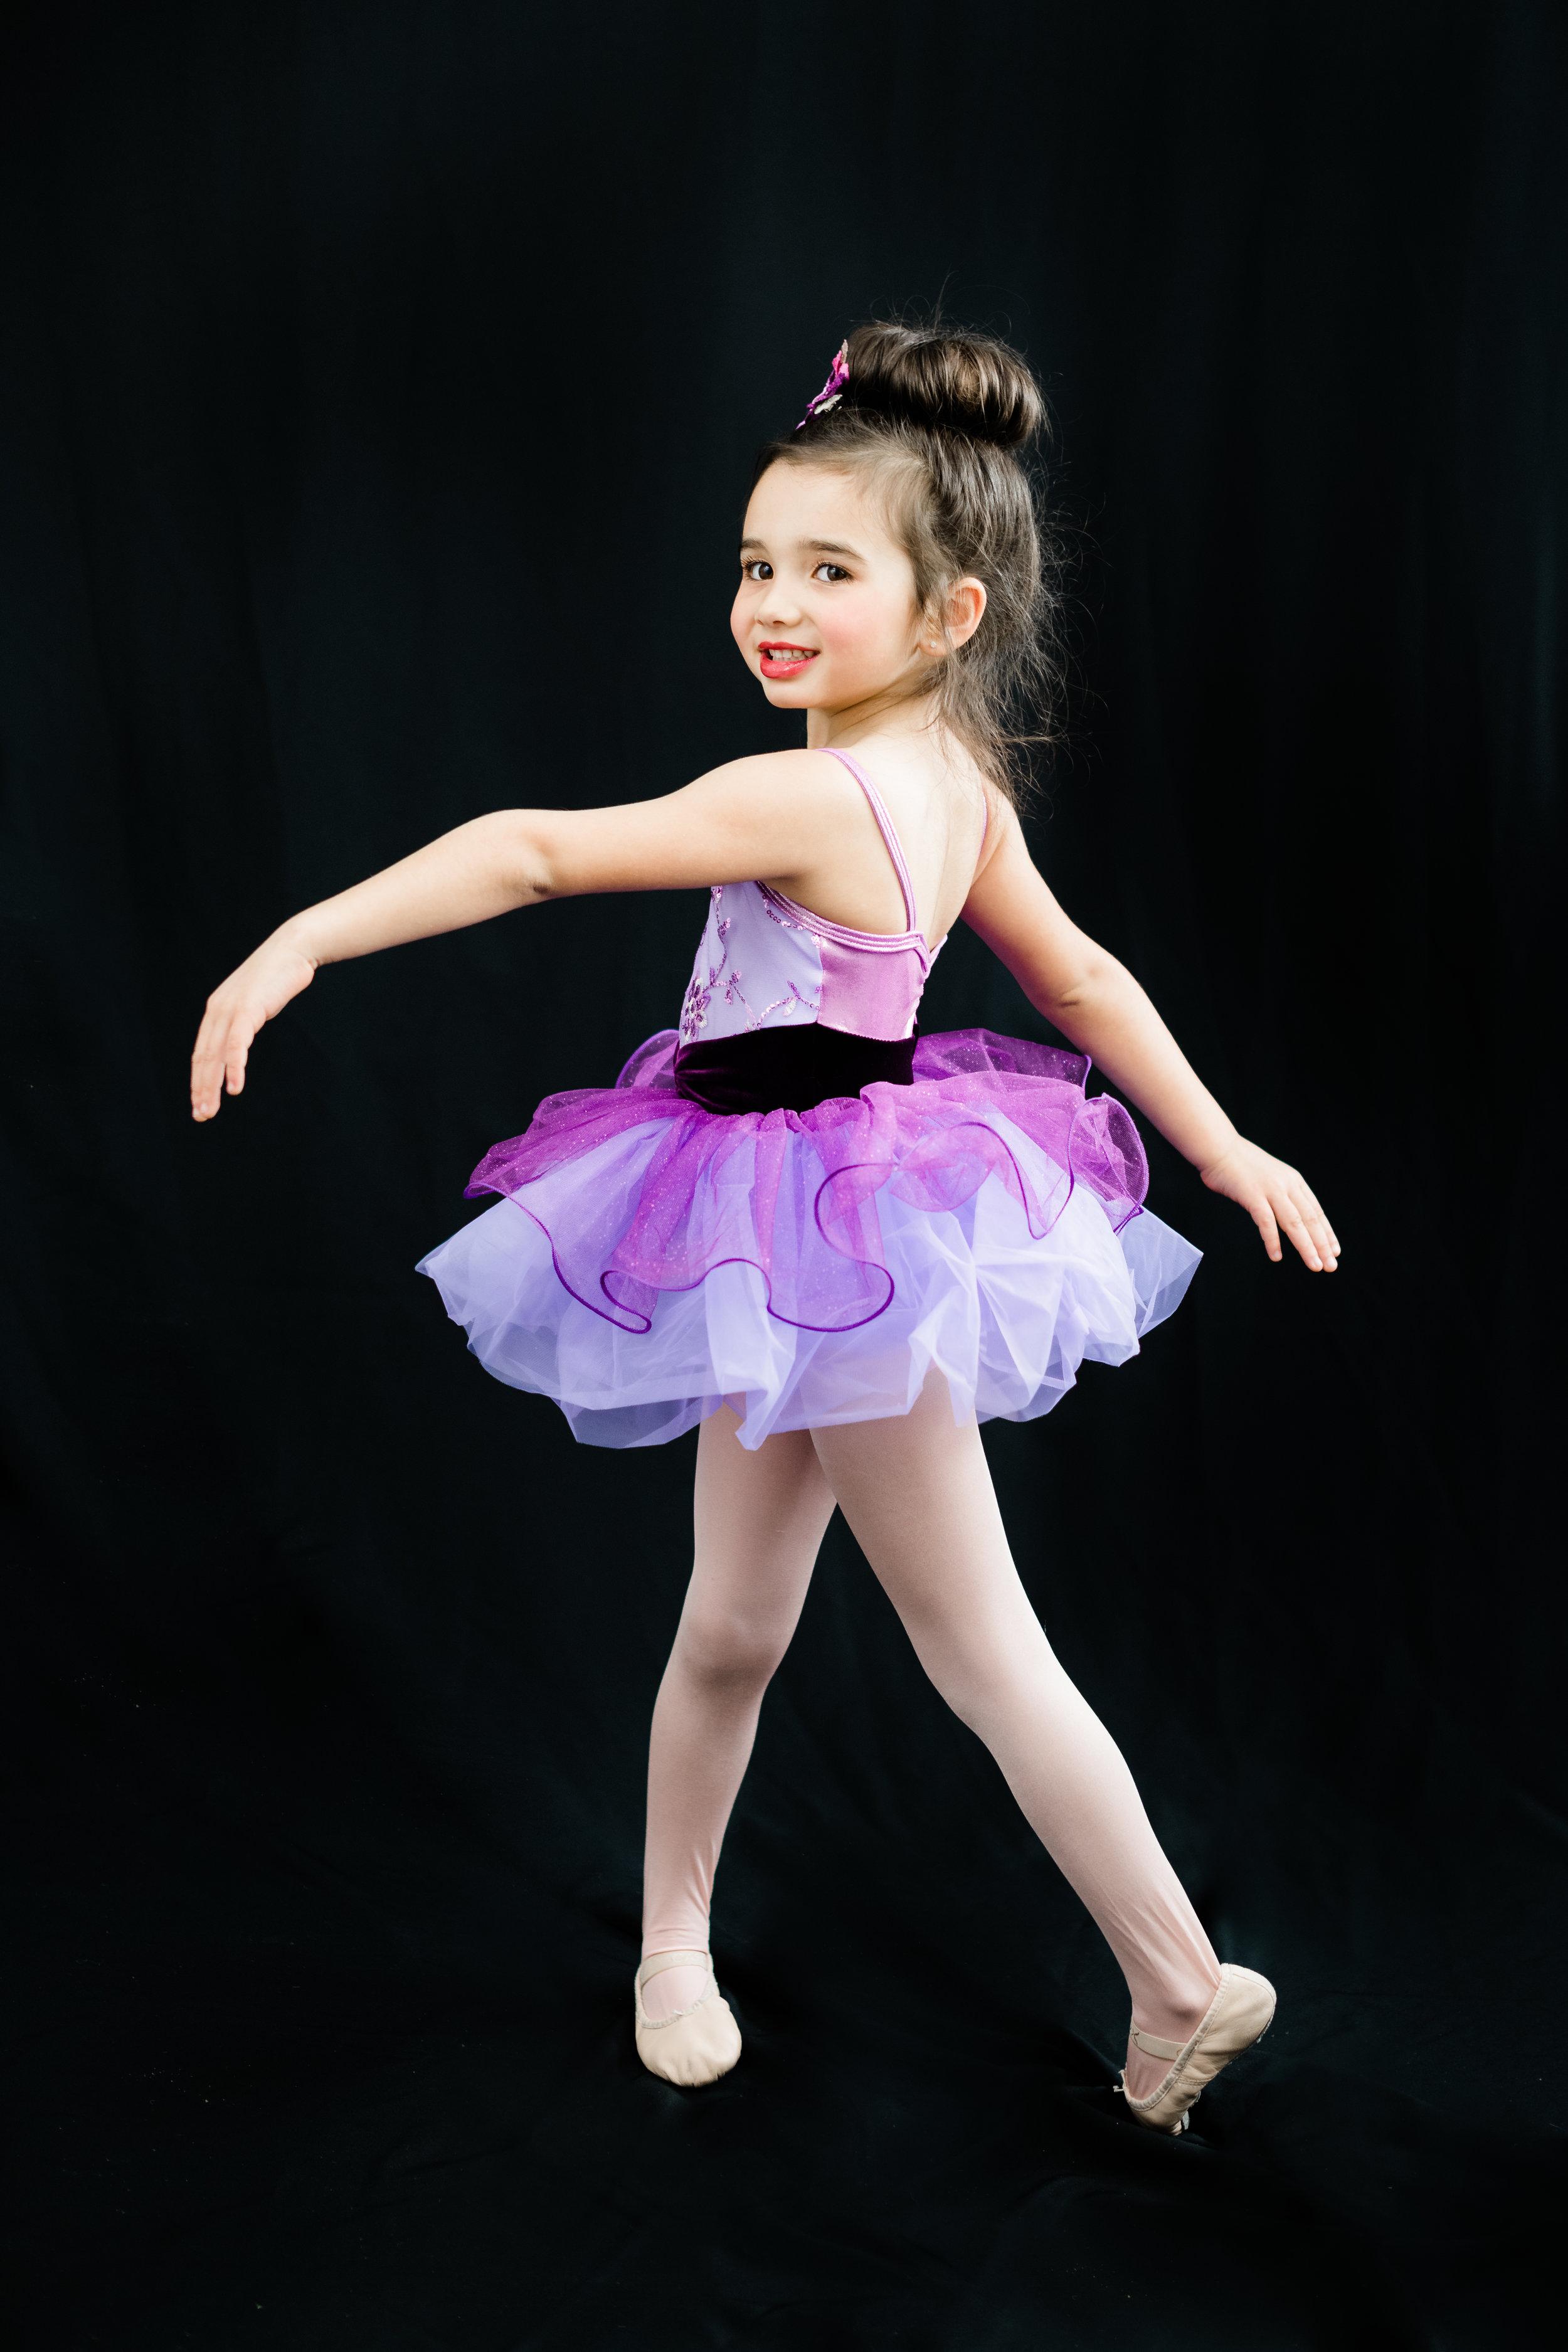 Estelle, Brooke-190306-Dance Test Photos-39.jpg